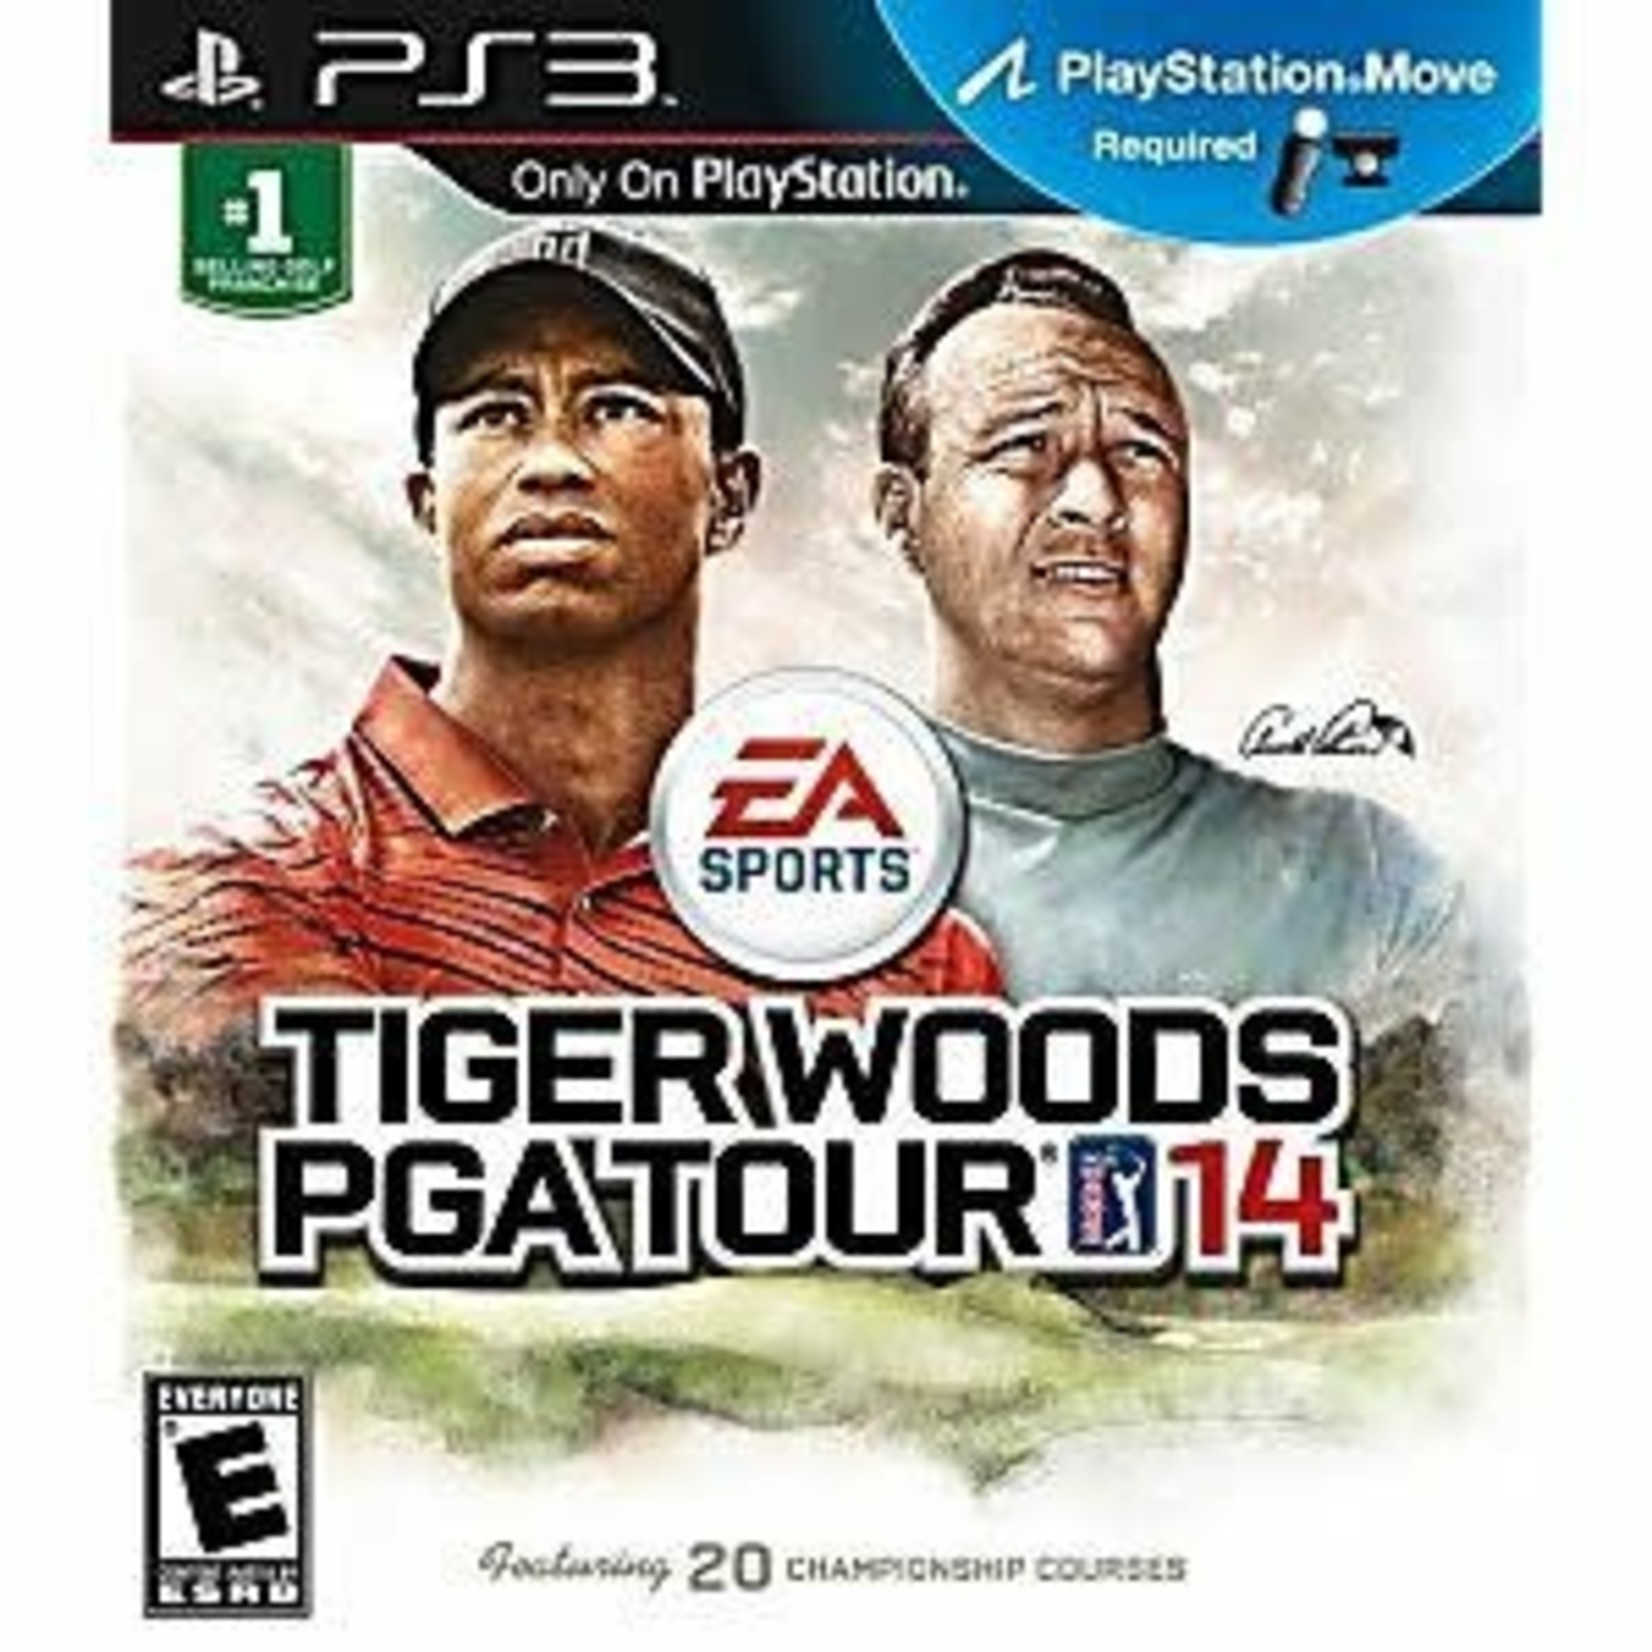 PS3U-Tiger Woods PGA Tour 14